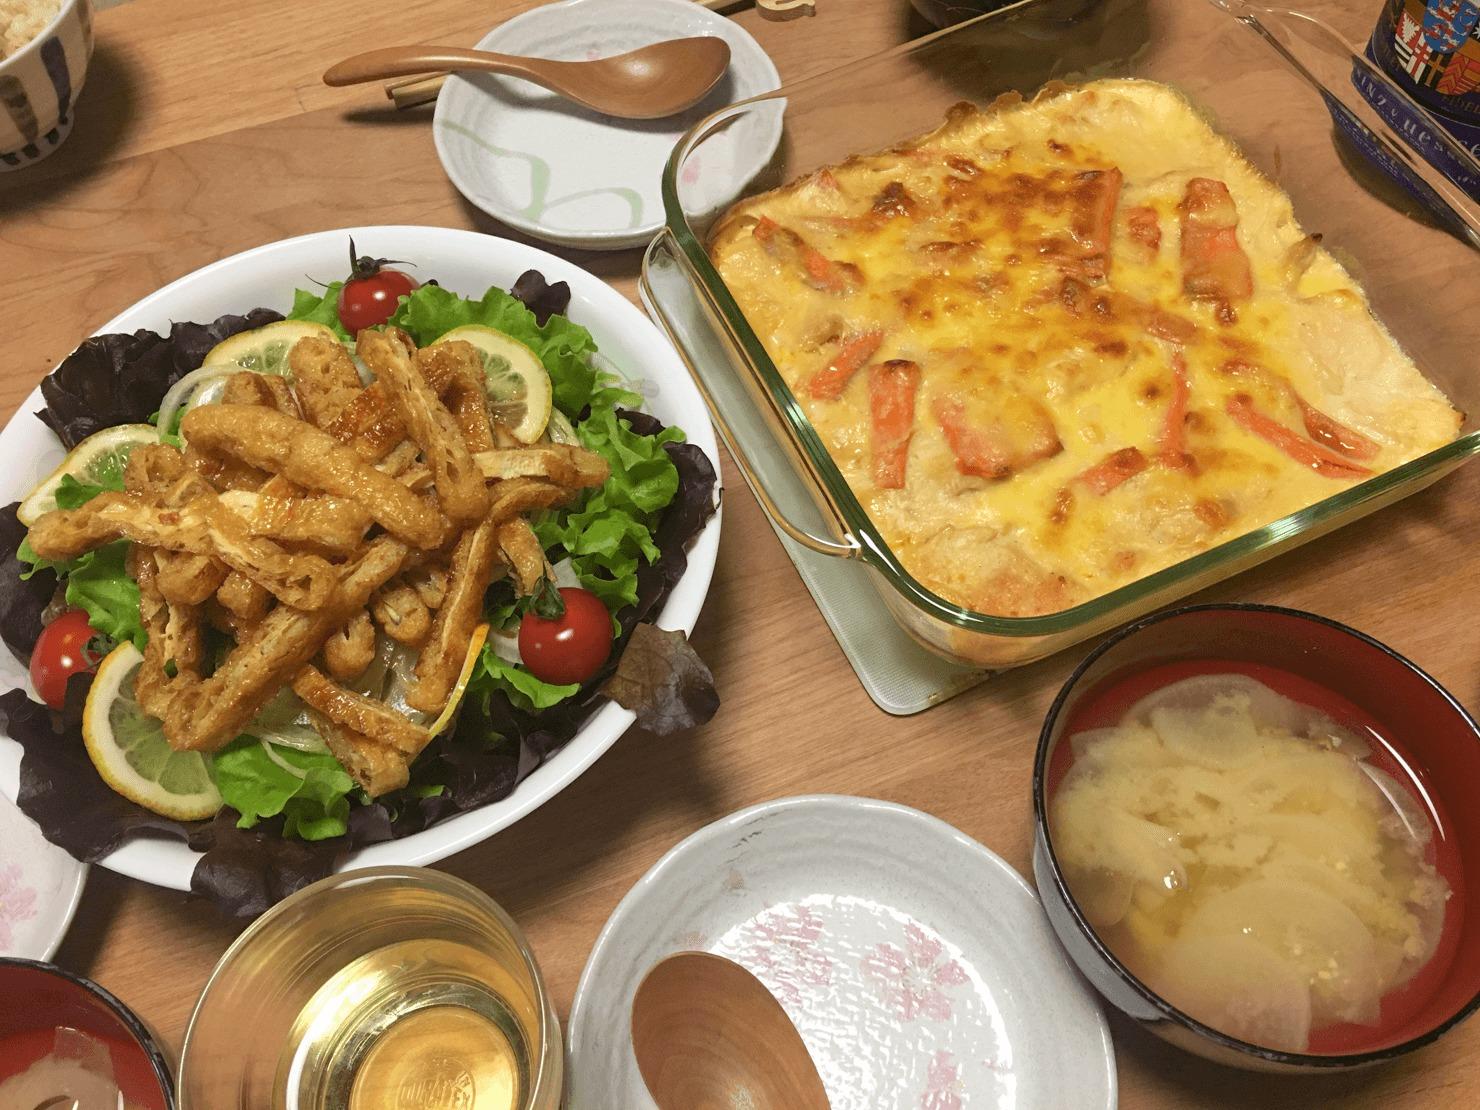 人参と鶏胸肉のグラタン中心の夕食の写真